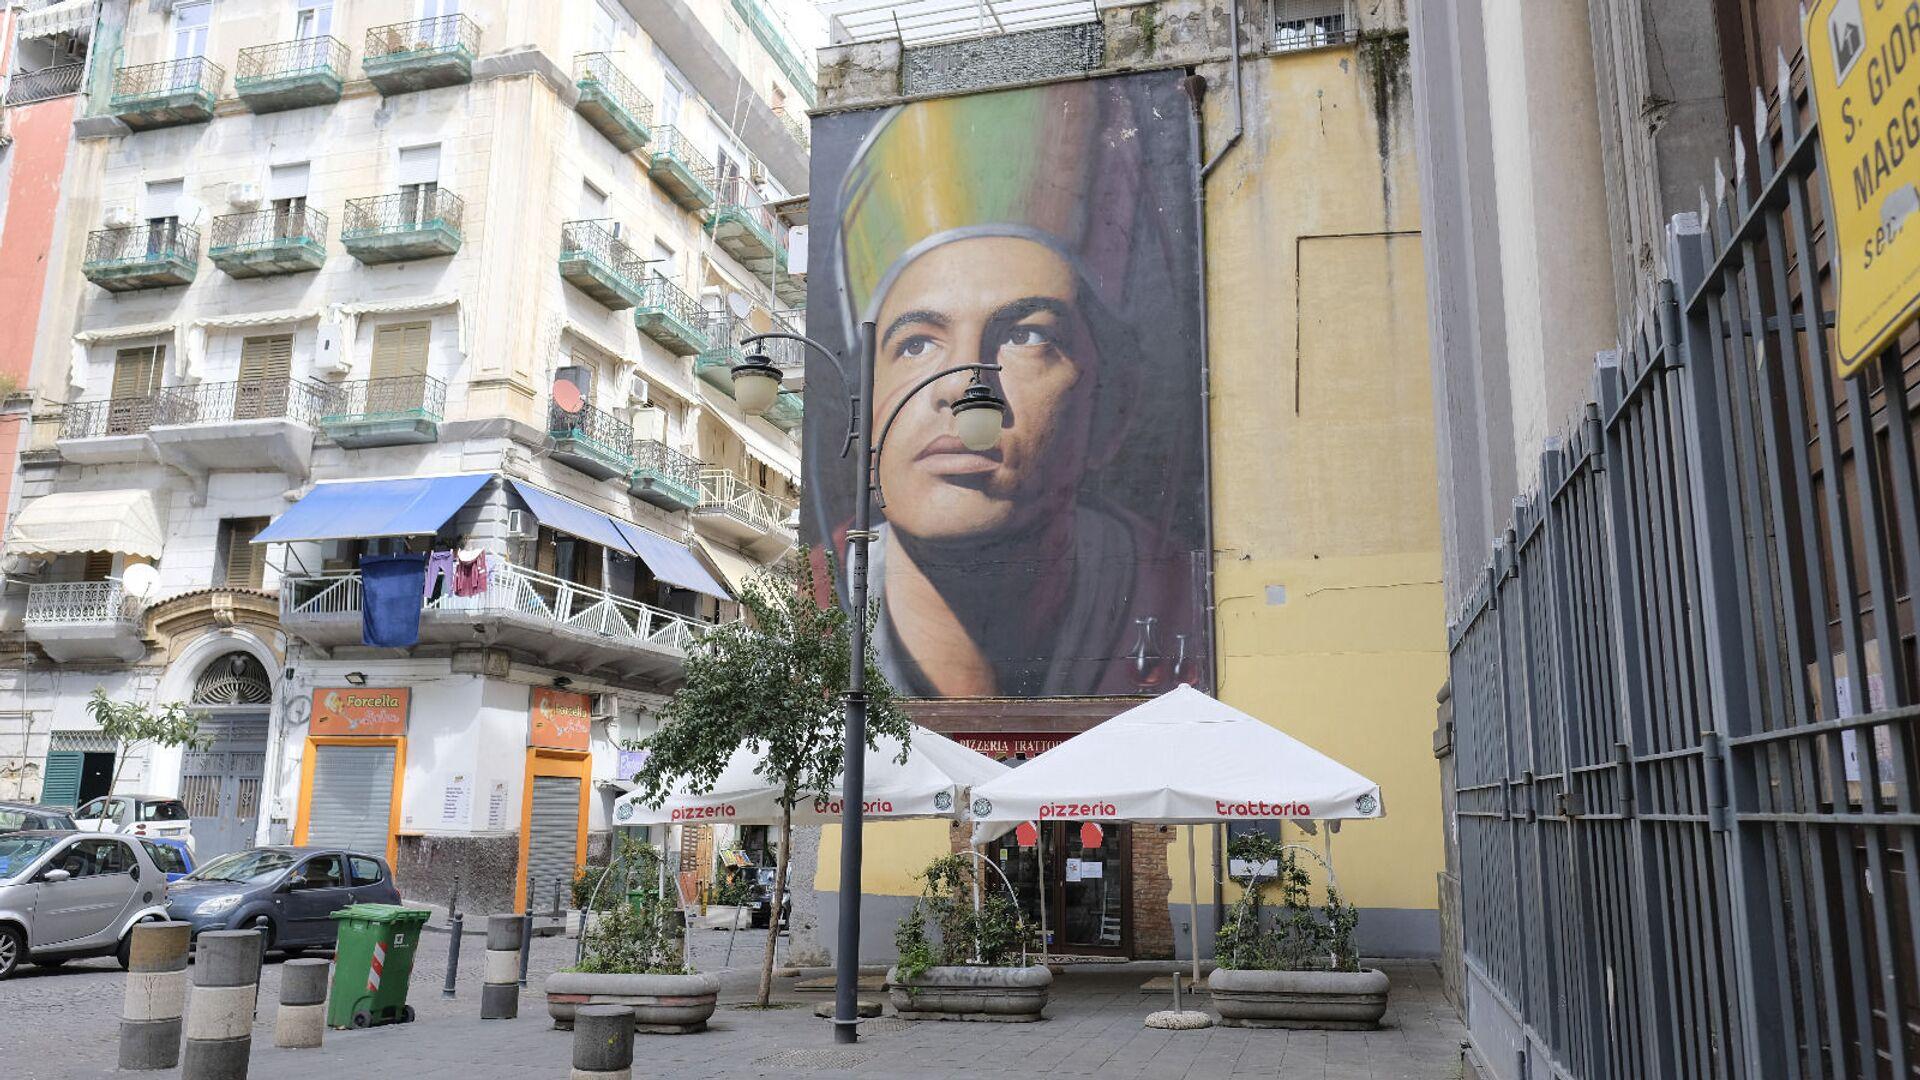 Murales di San Gennaro a Piazza Crocelle ai Mannesi a Forcella, Napoli - Sputnik Italia, 1920, 04.05.2021